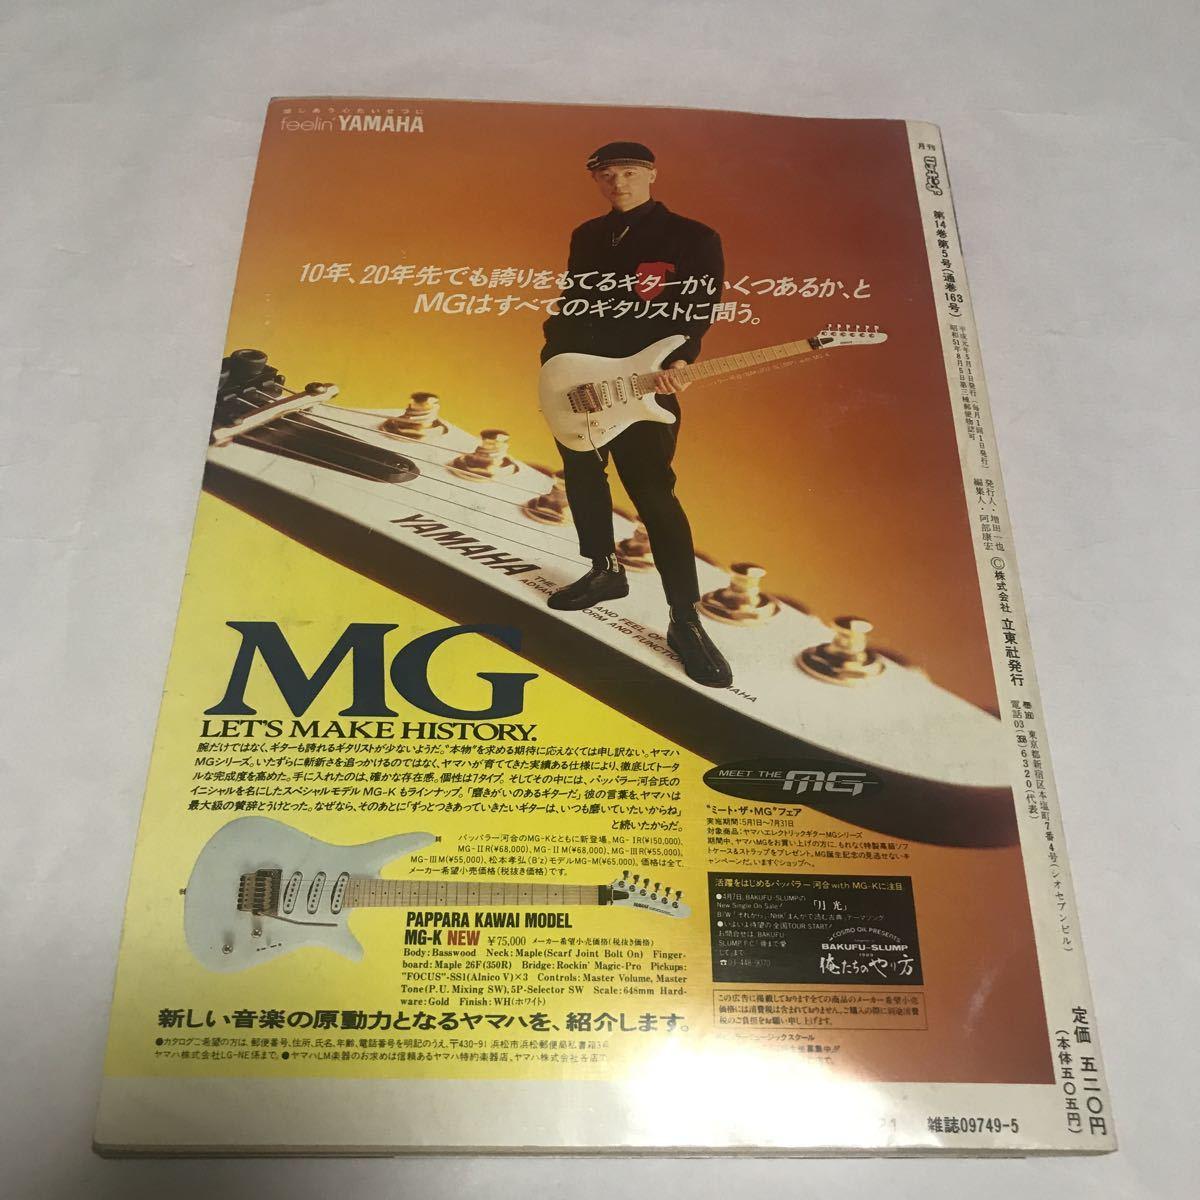 【貴重】 X JAPAN 表紙 ロッキンf 89年5月号 YOSHIKI TAIJI hide xjapan エックス ジャパメタ デランジェ 音楽雑誌 本 ZIGGY 44マグナム_画像5